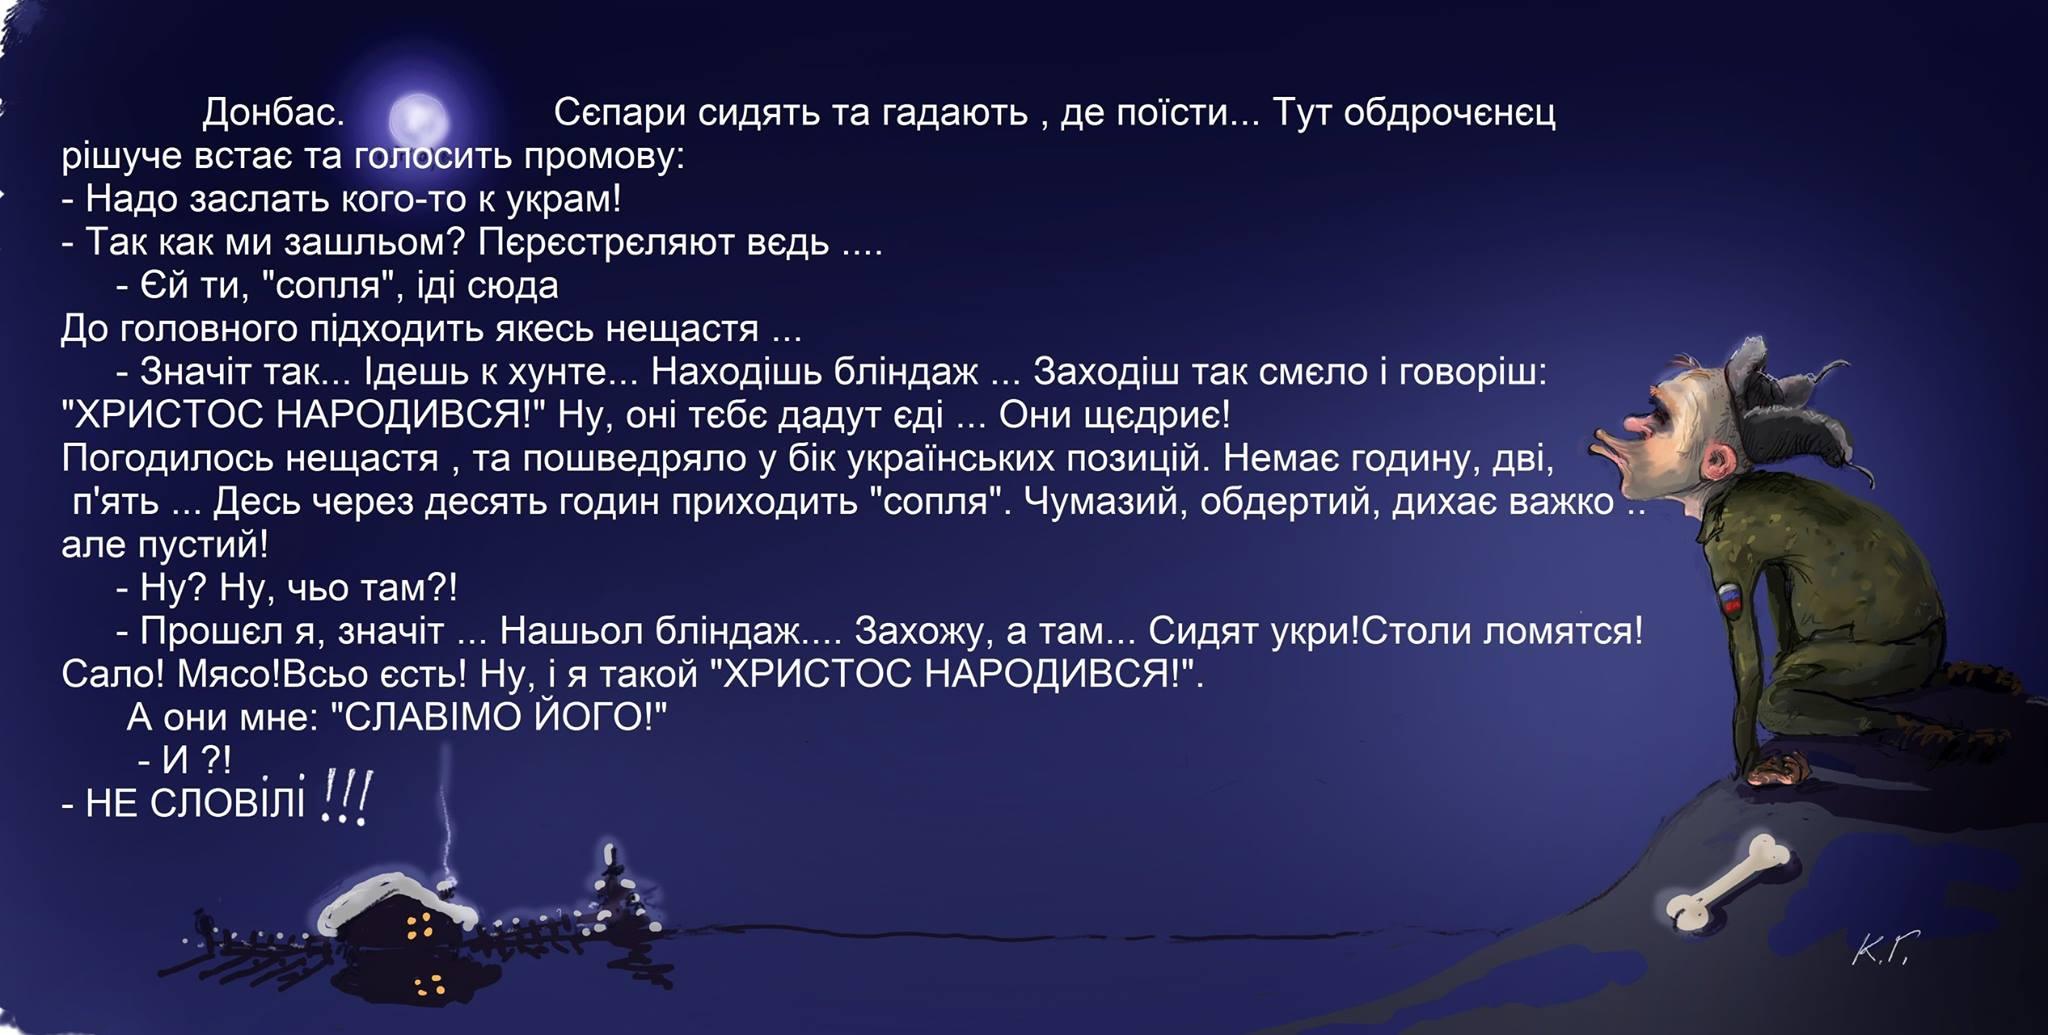 Наибольшее количество нарушений режима прекращения огня фиксируется в районах Светлодарска и Дебальцево, - отчет СММ ОБСЕ - Цензор.НЕТ 6089